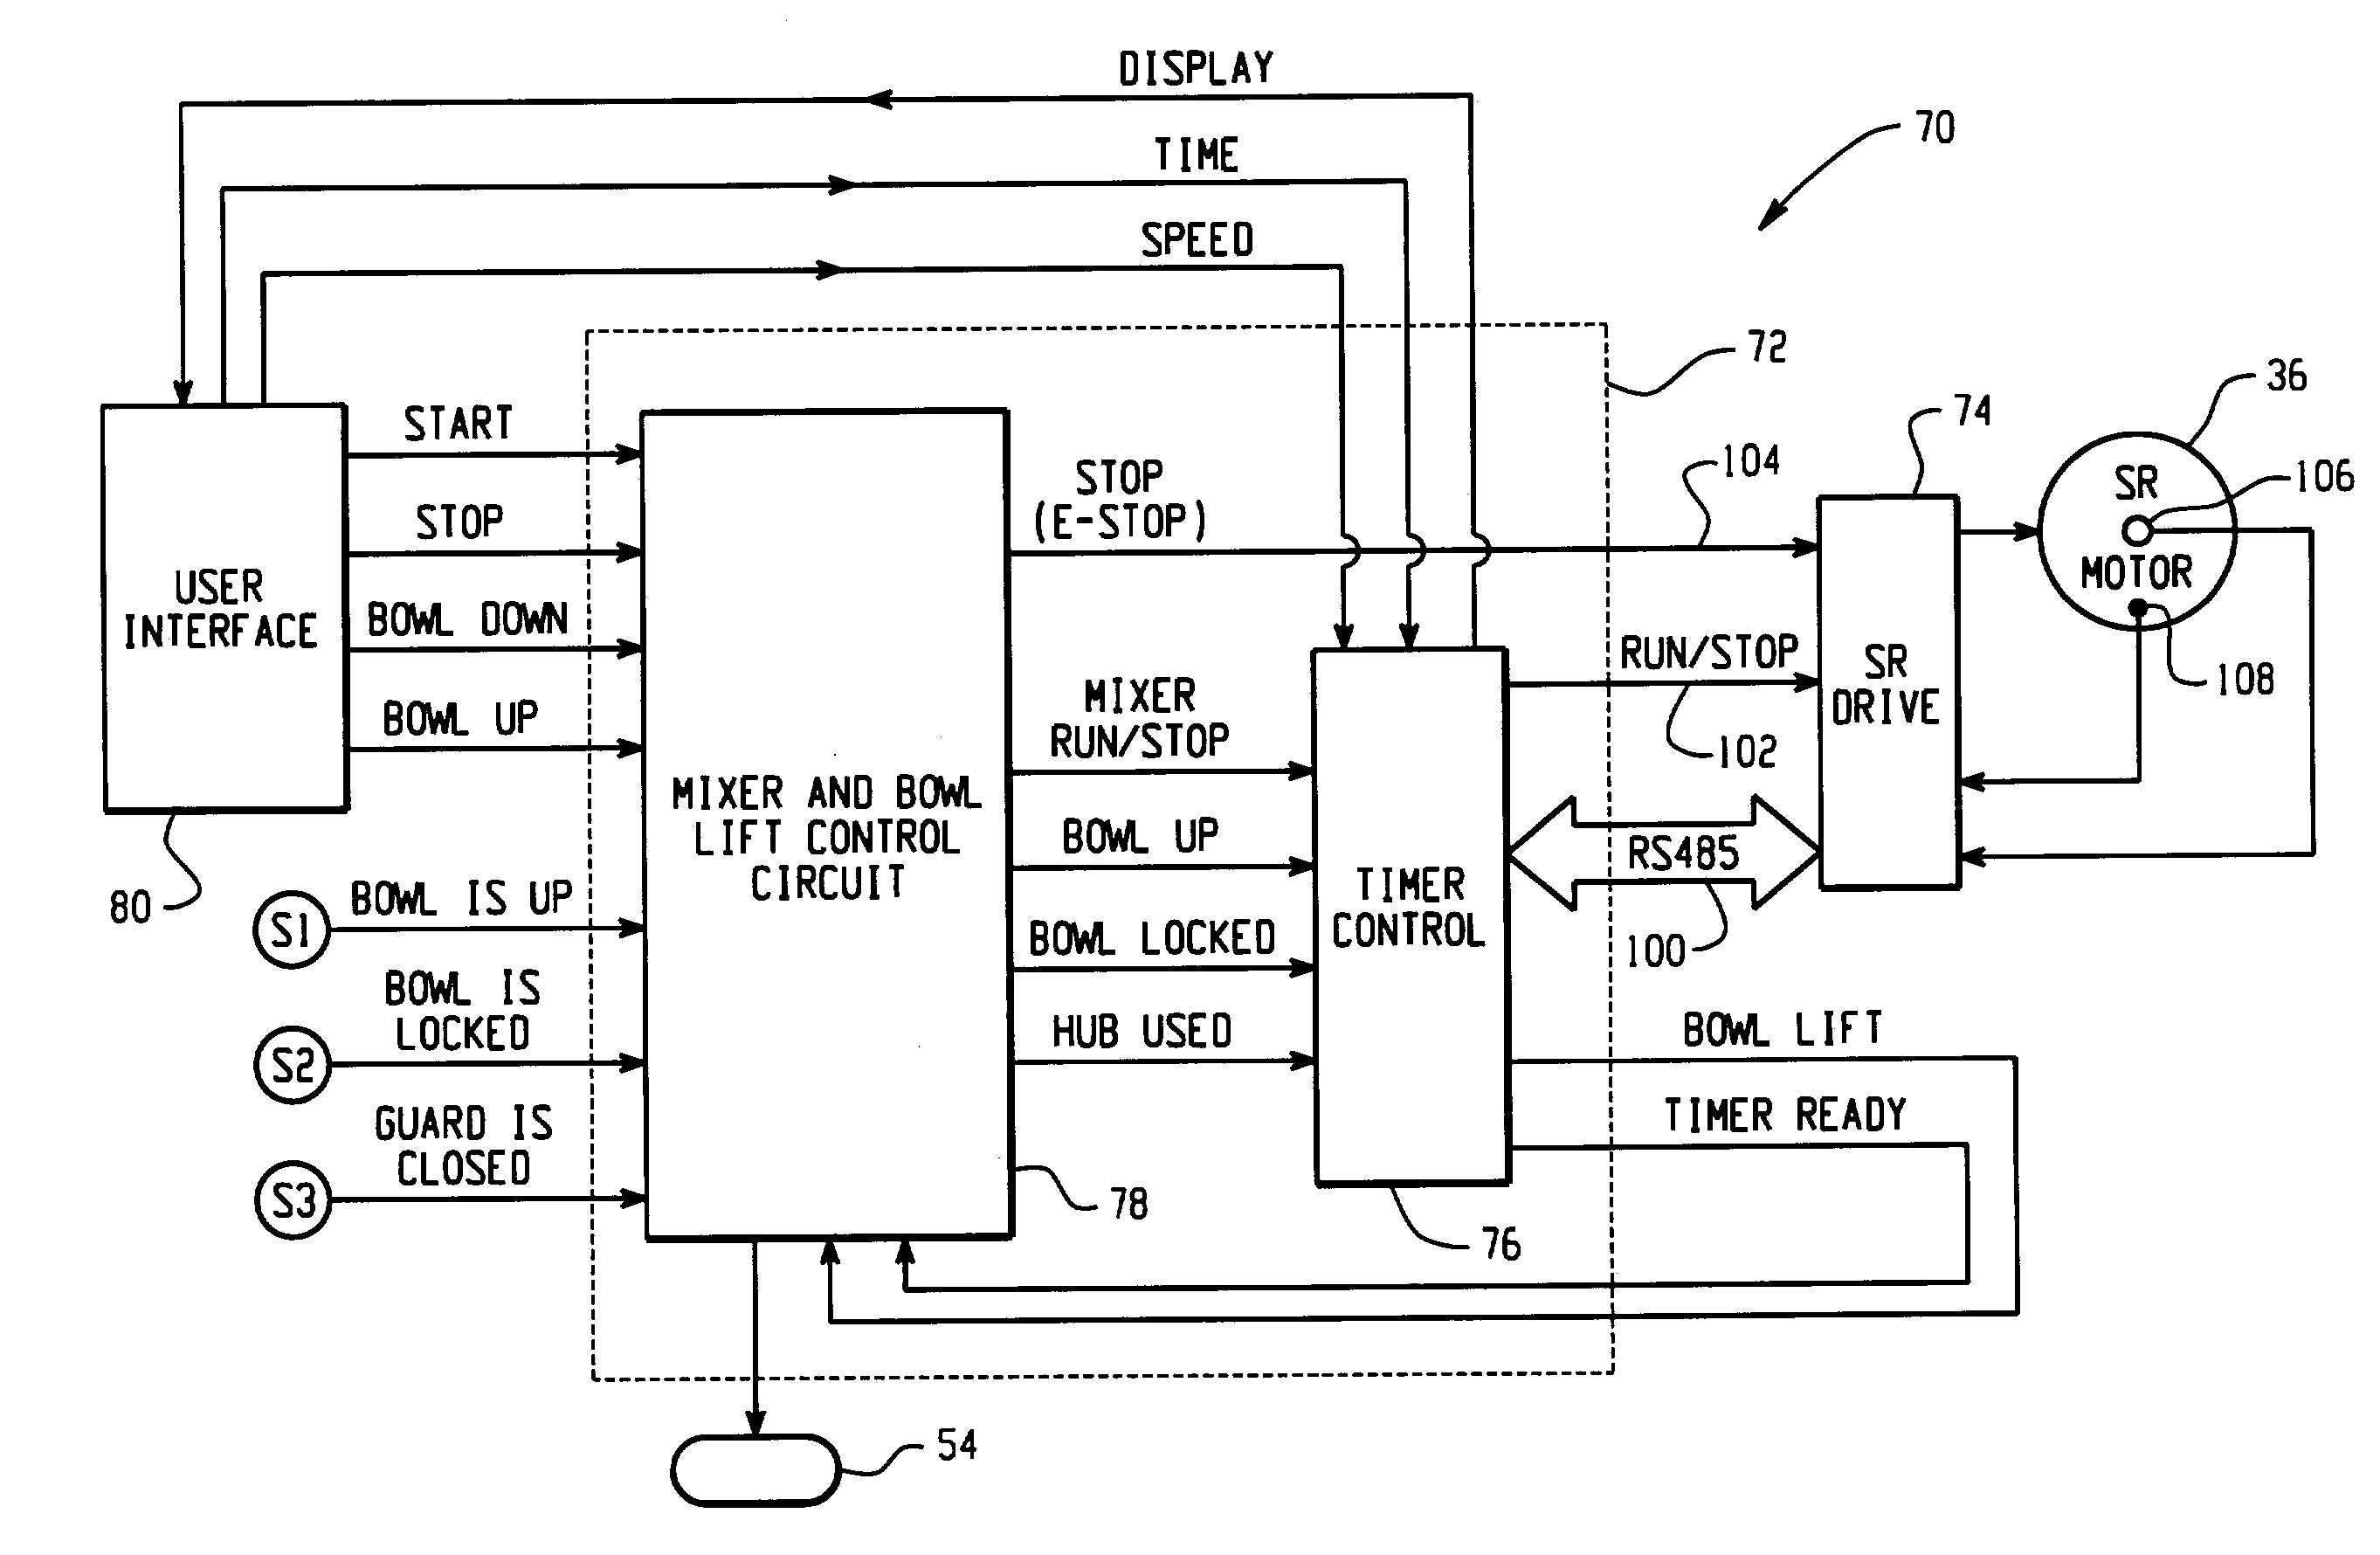 Berkel Wiring Diagram Schematic 2019 For Grinder Hobart 1612 Parts Meat 919 1